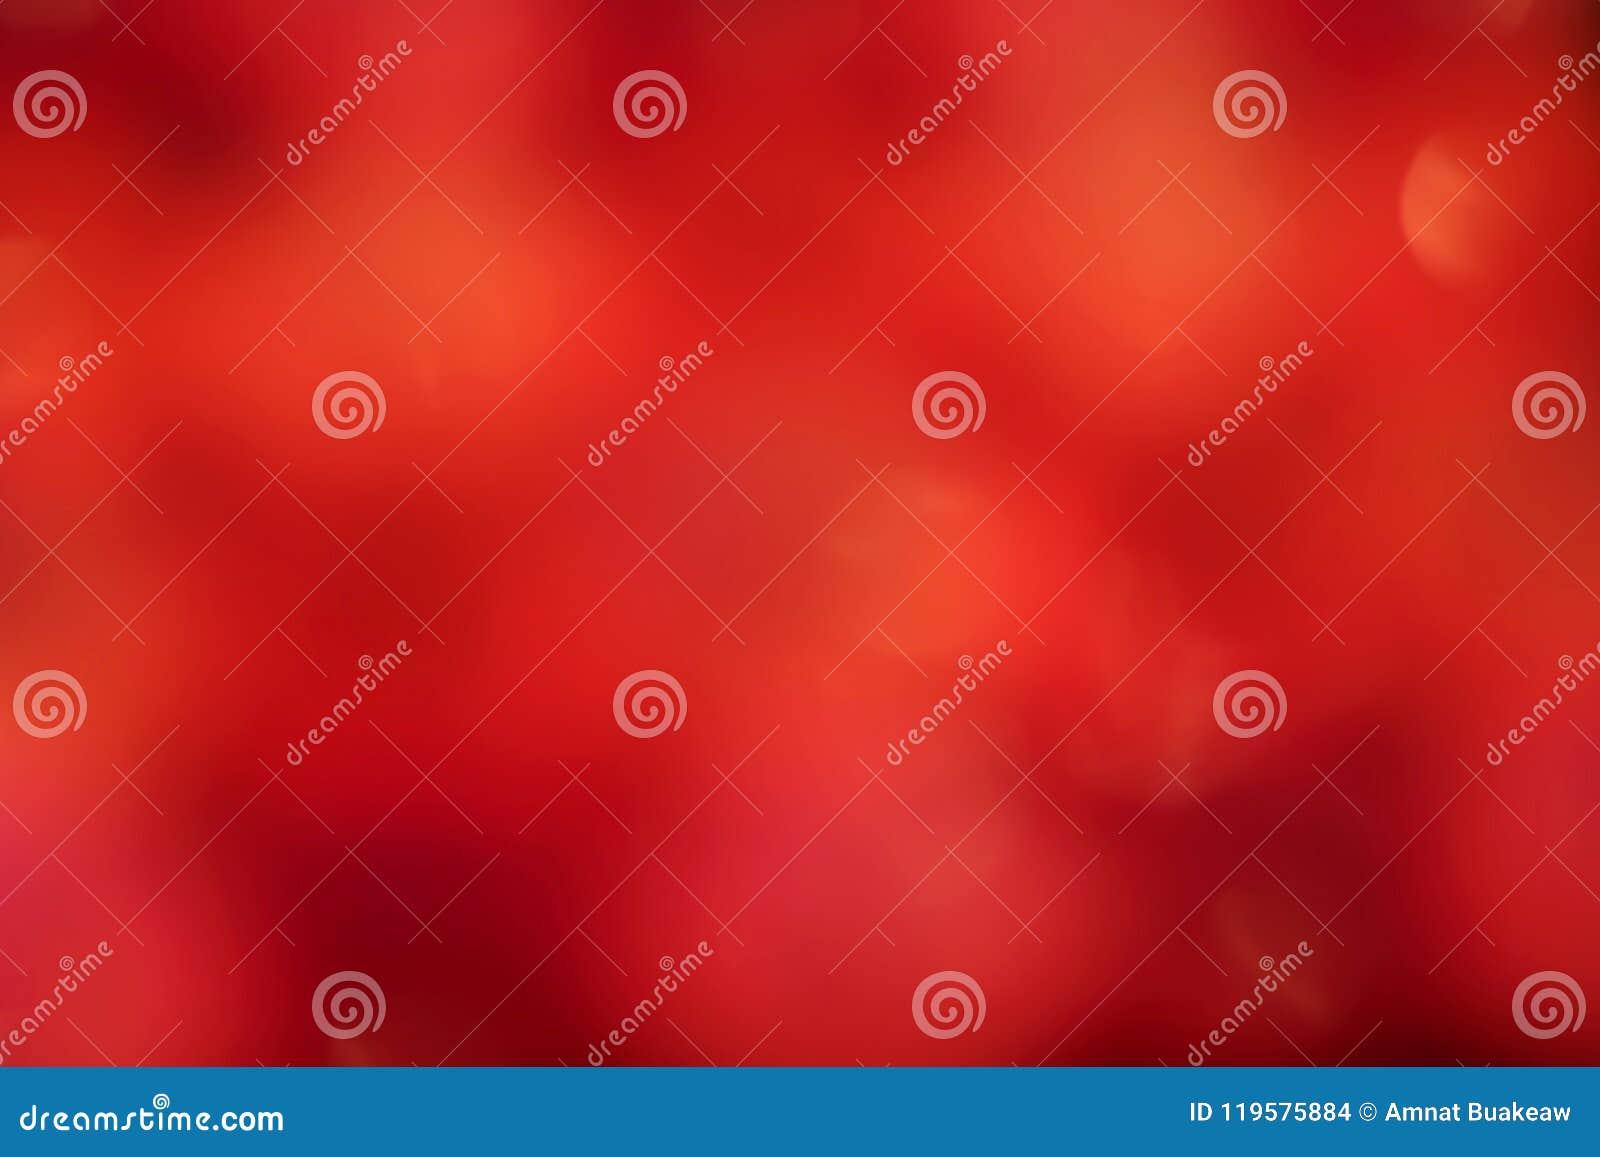 Fondo suave rojo, fondo suave borroso de la pendiente roja, fondo suave colorido del extracto del bokeh de la sombra de la luz ro